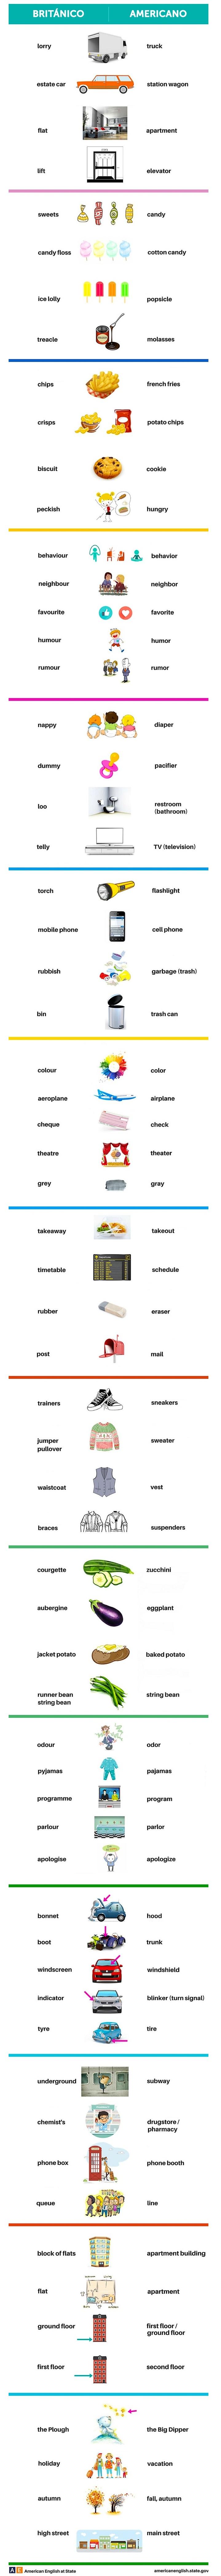 Diferencias de vocabulario entre ingles británico y americano